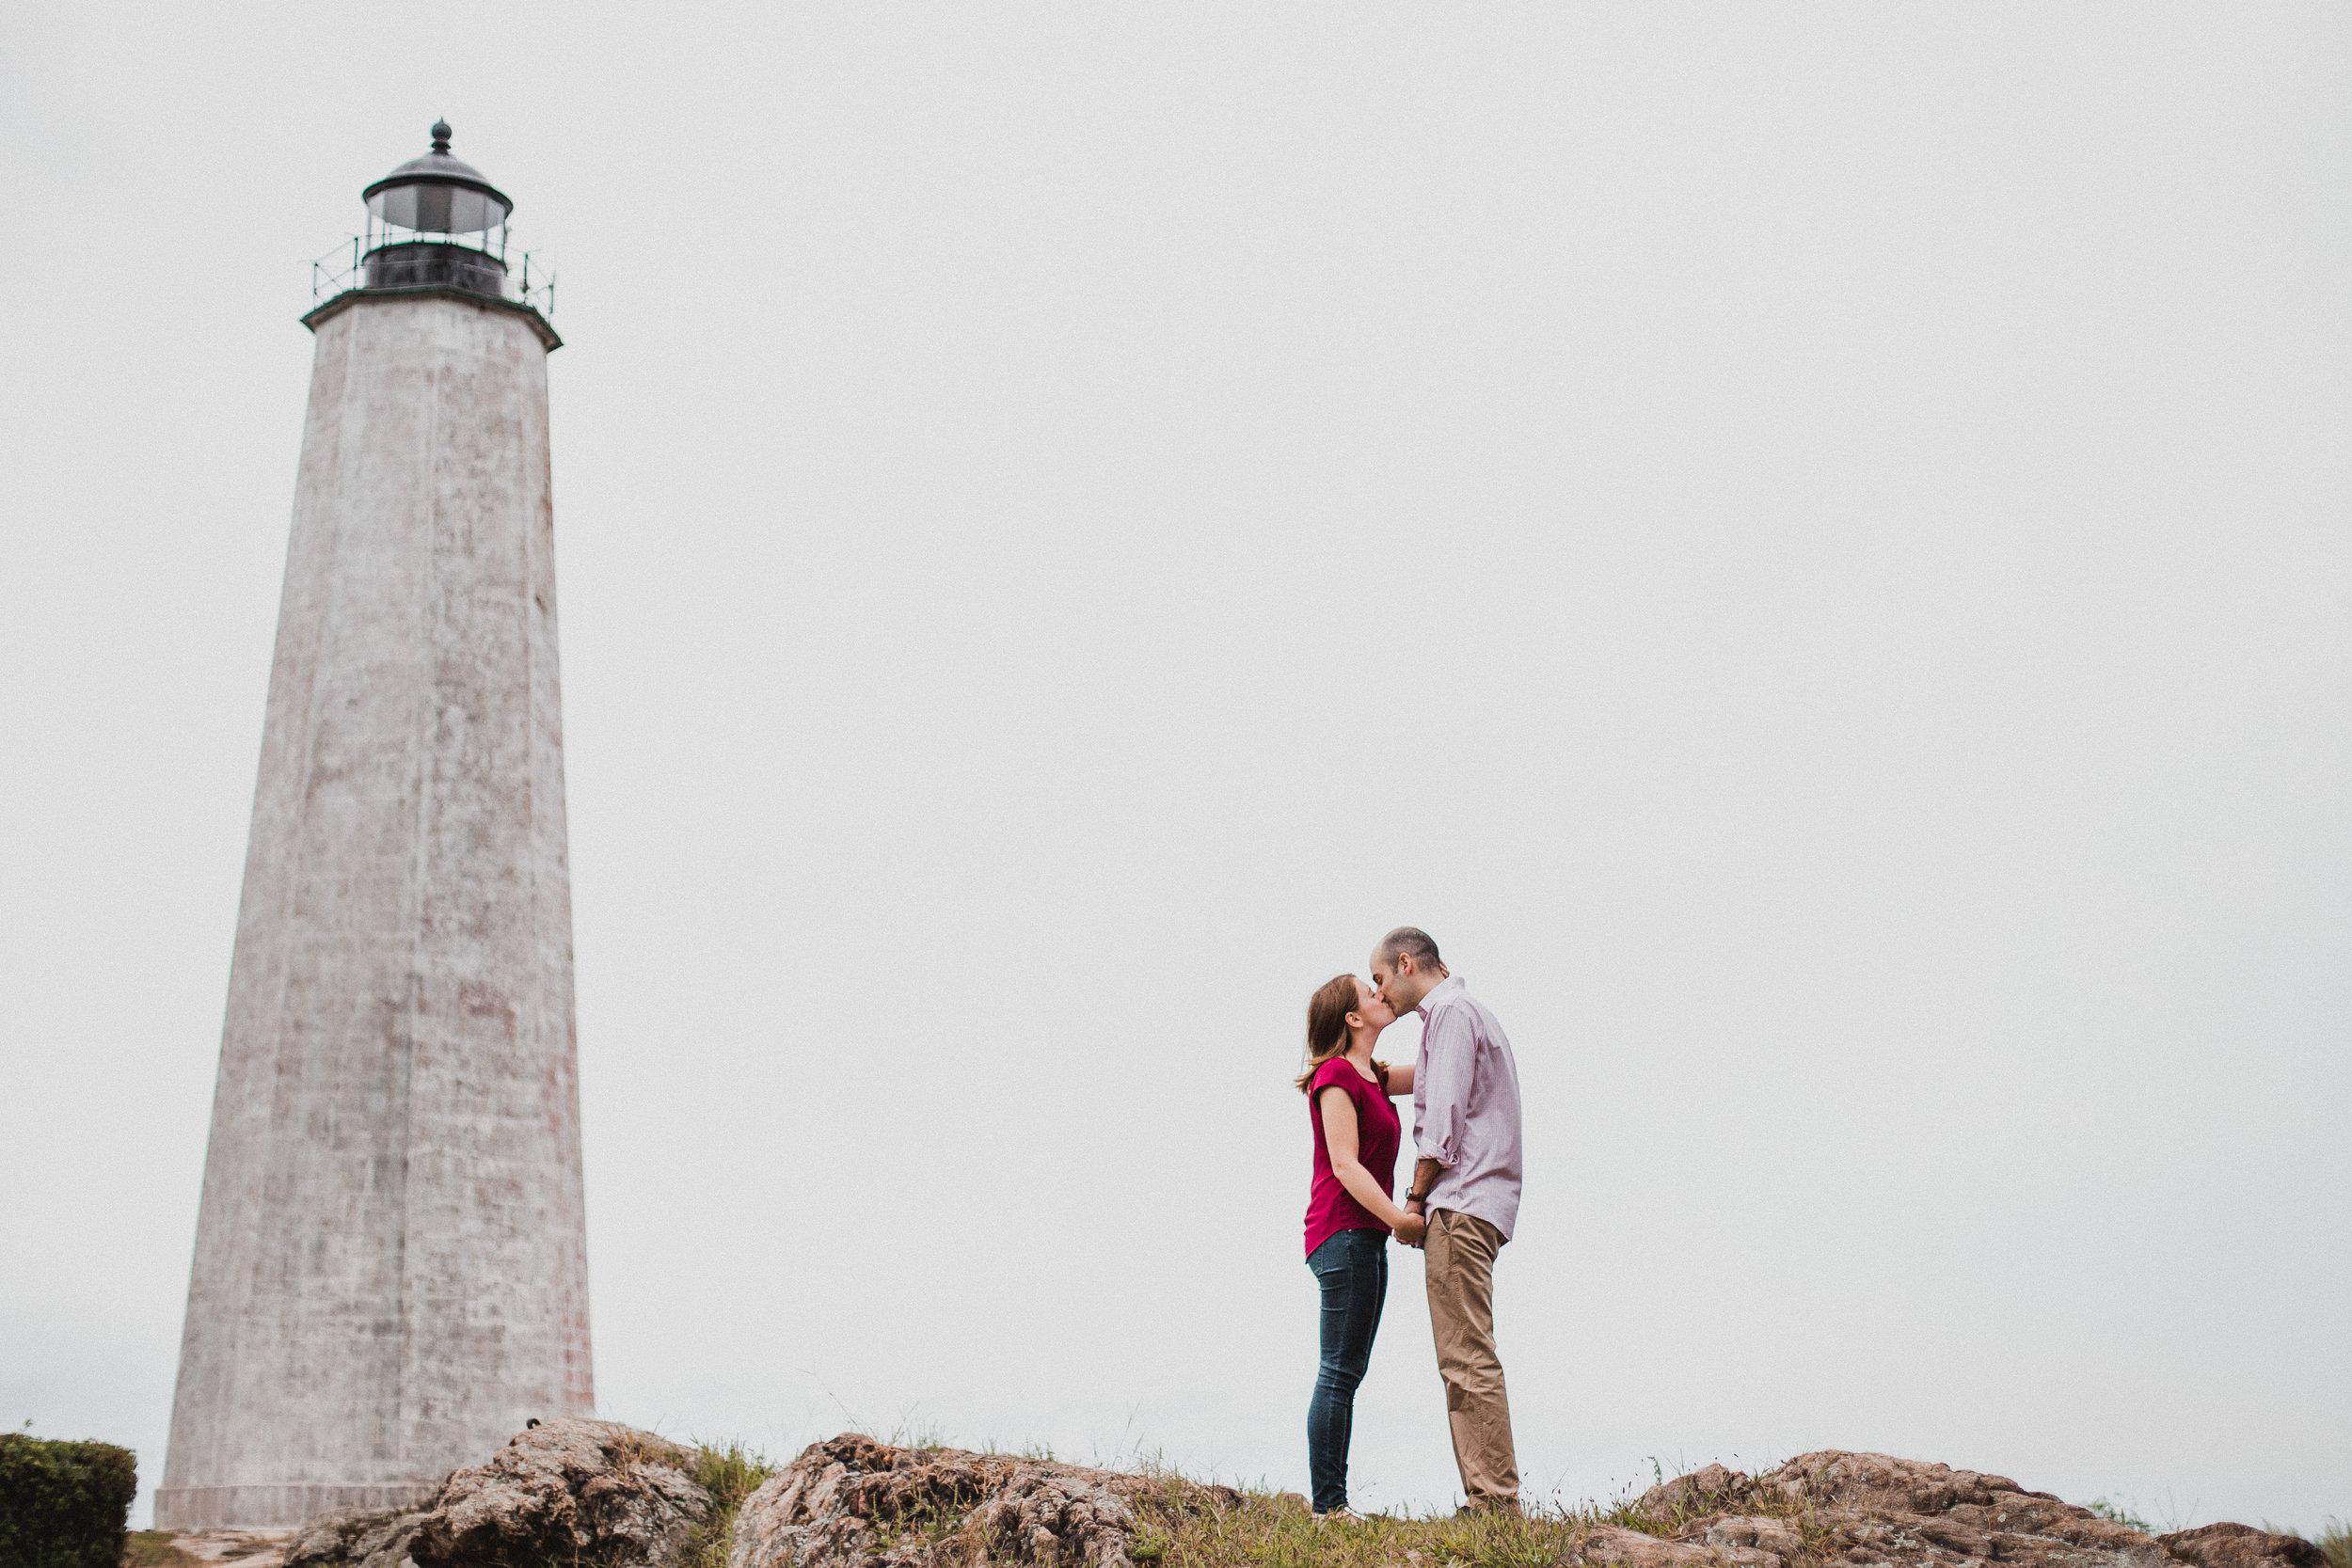 Kimberly & Sam - Engagement Shoot 9.9.18-18.jpg